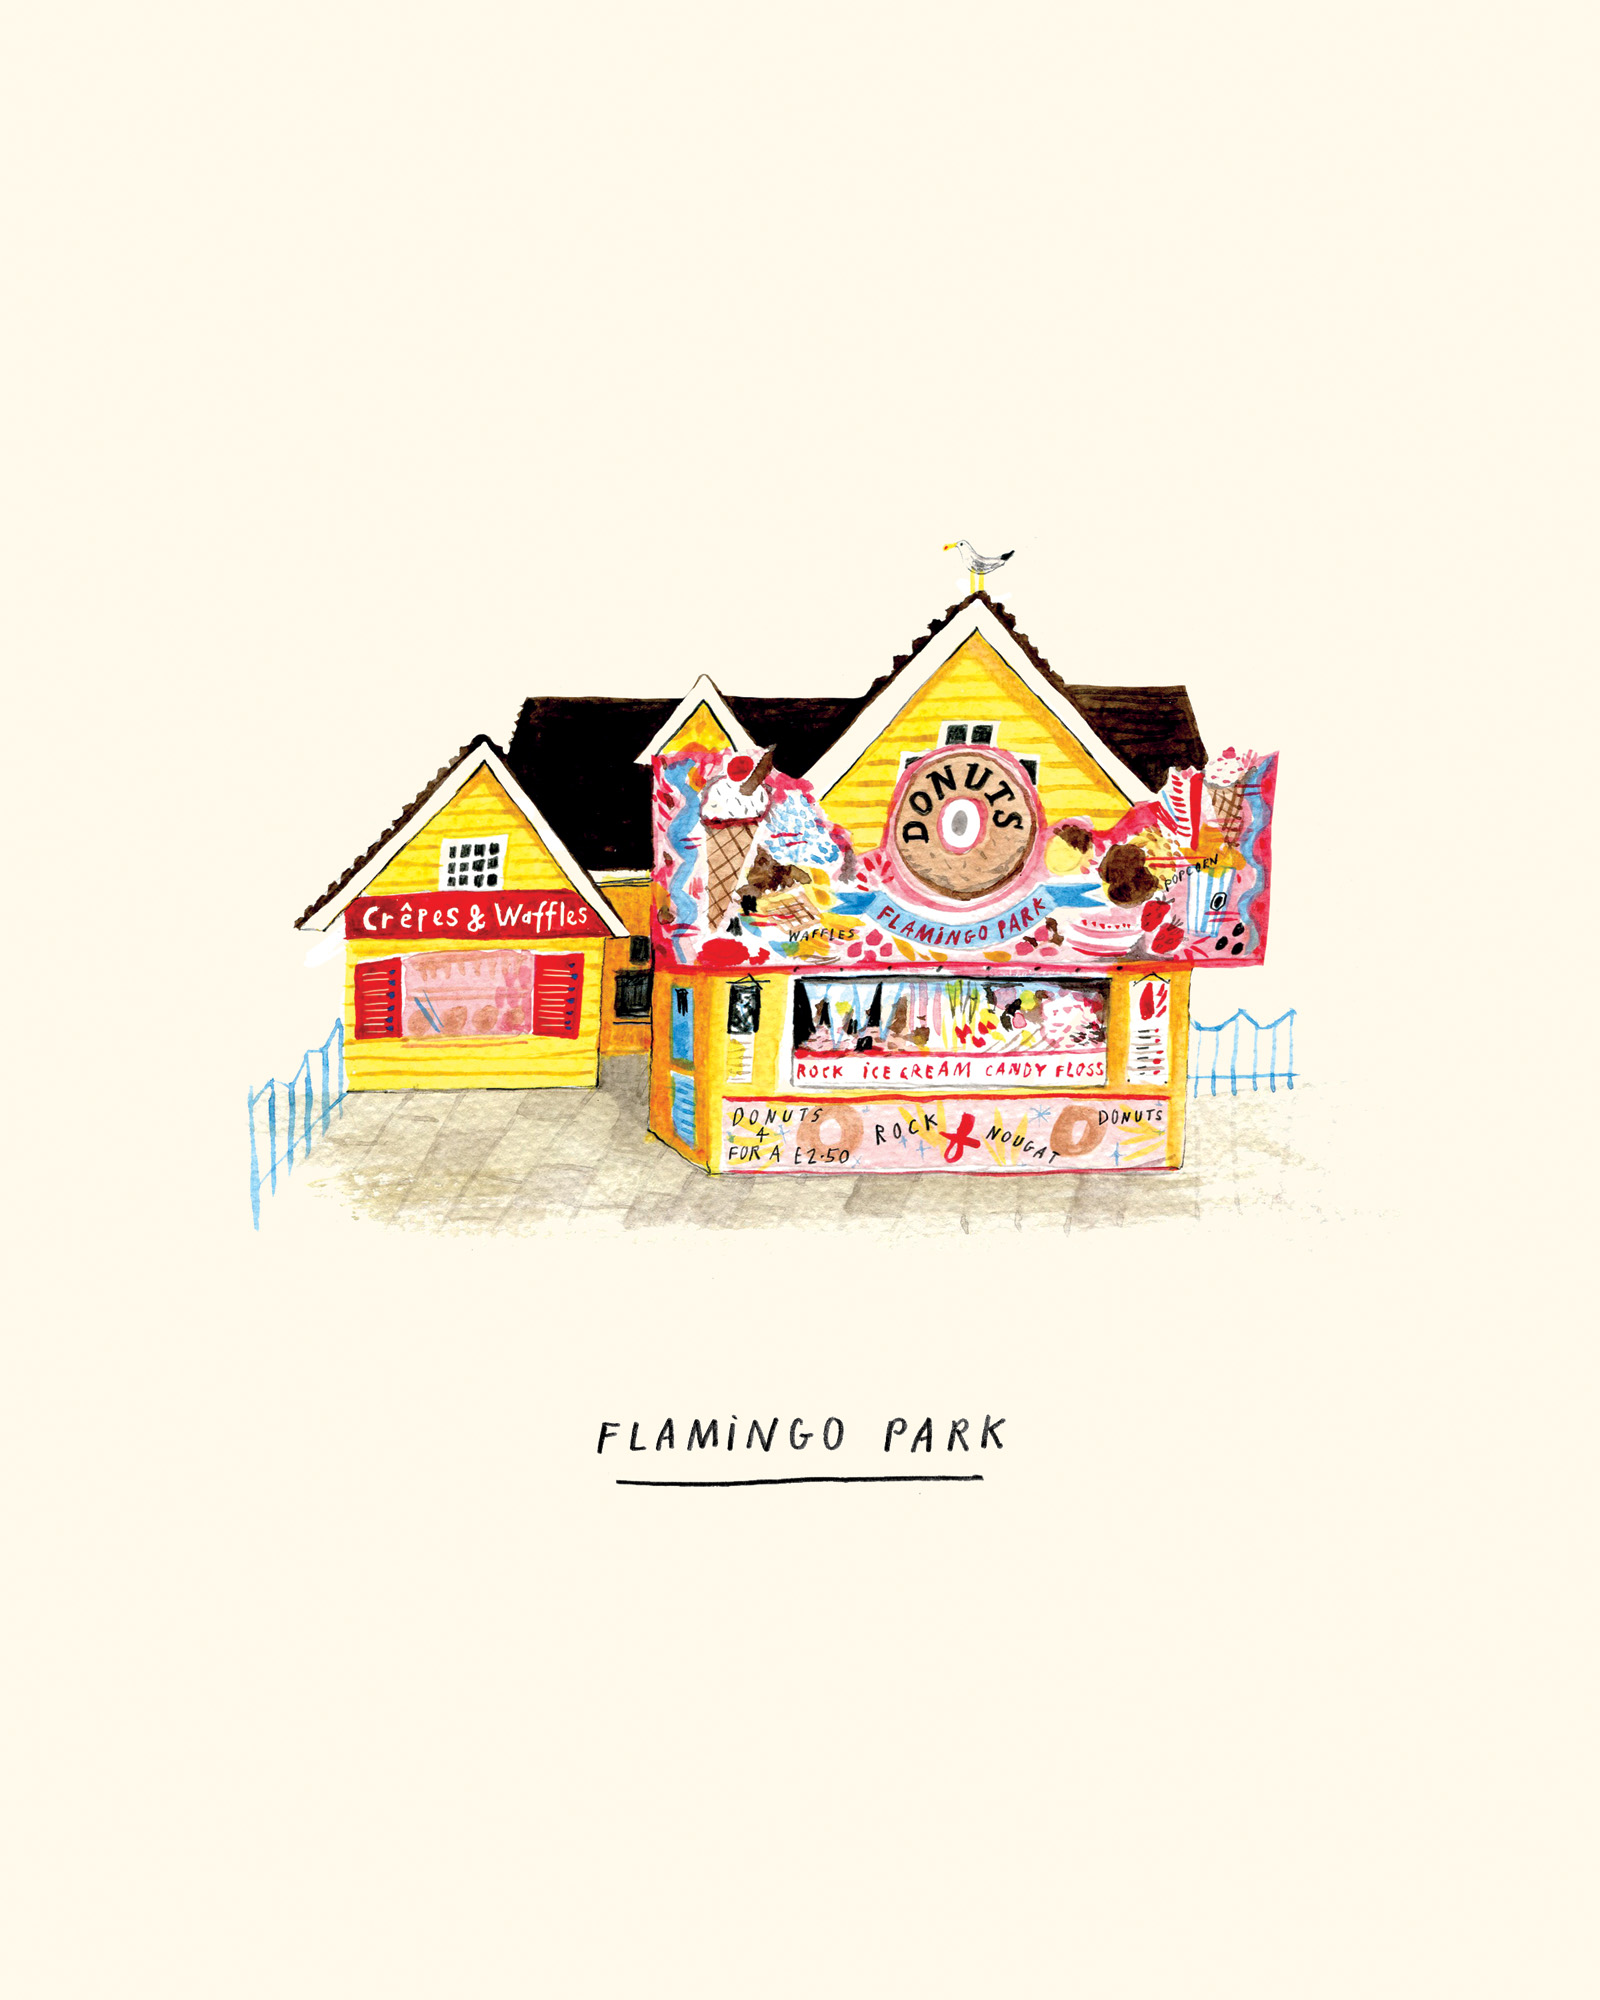 FLAMINGO_PARK-1